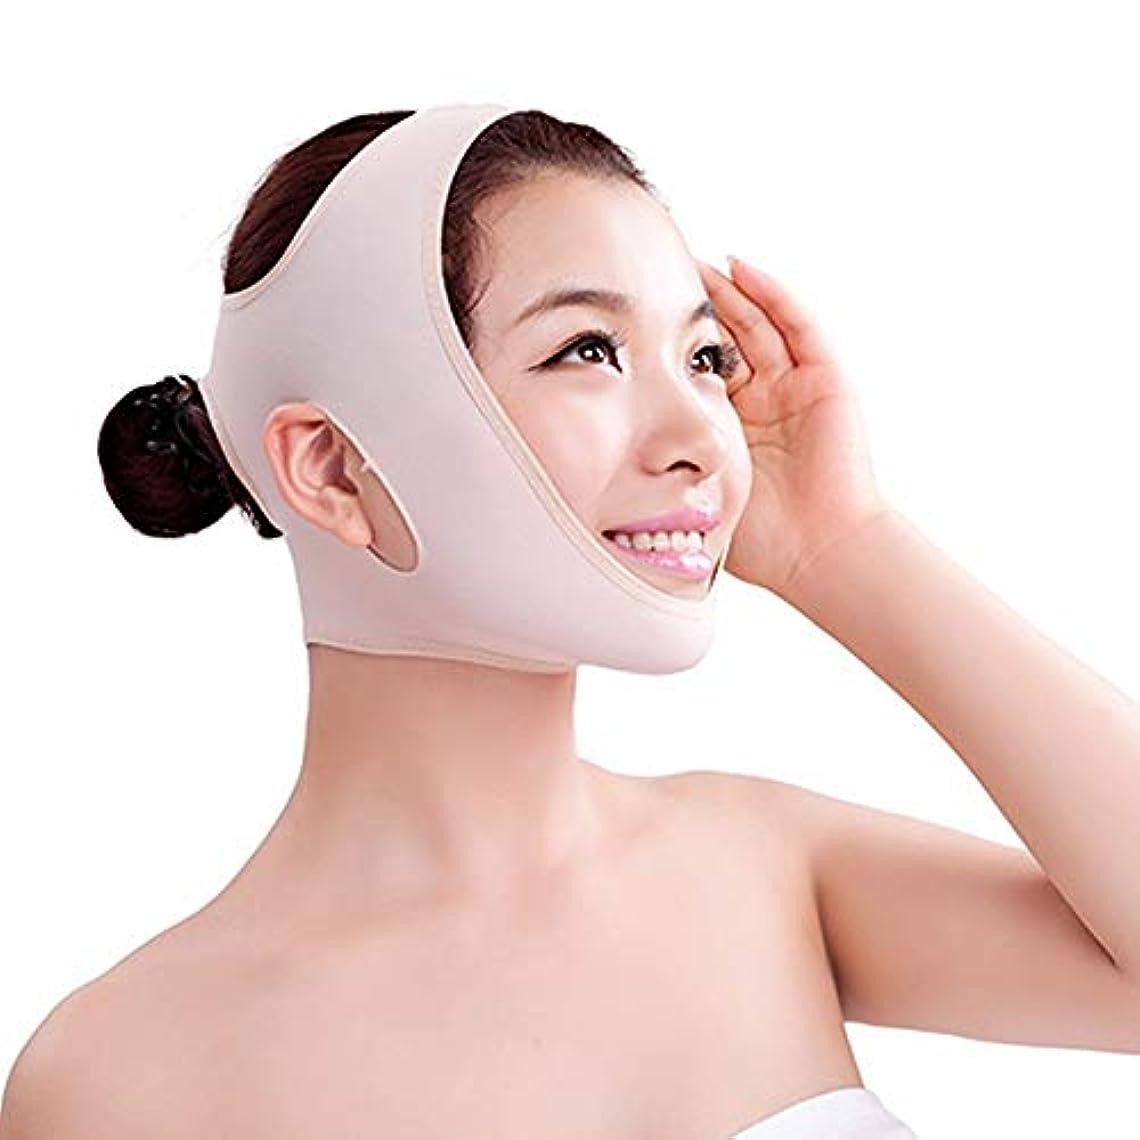 充実批評知り合いになるフェイスリフティングベルト、フェイスリフティング包帯顔の形をしたV字型包帯通気性を防ぎ、頬のたるみを防ぎます二重あごのアンチエイジング (Color : Beige, Size : S)